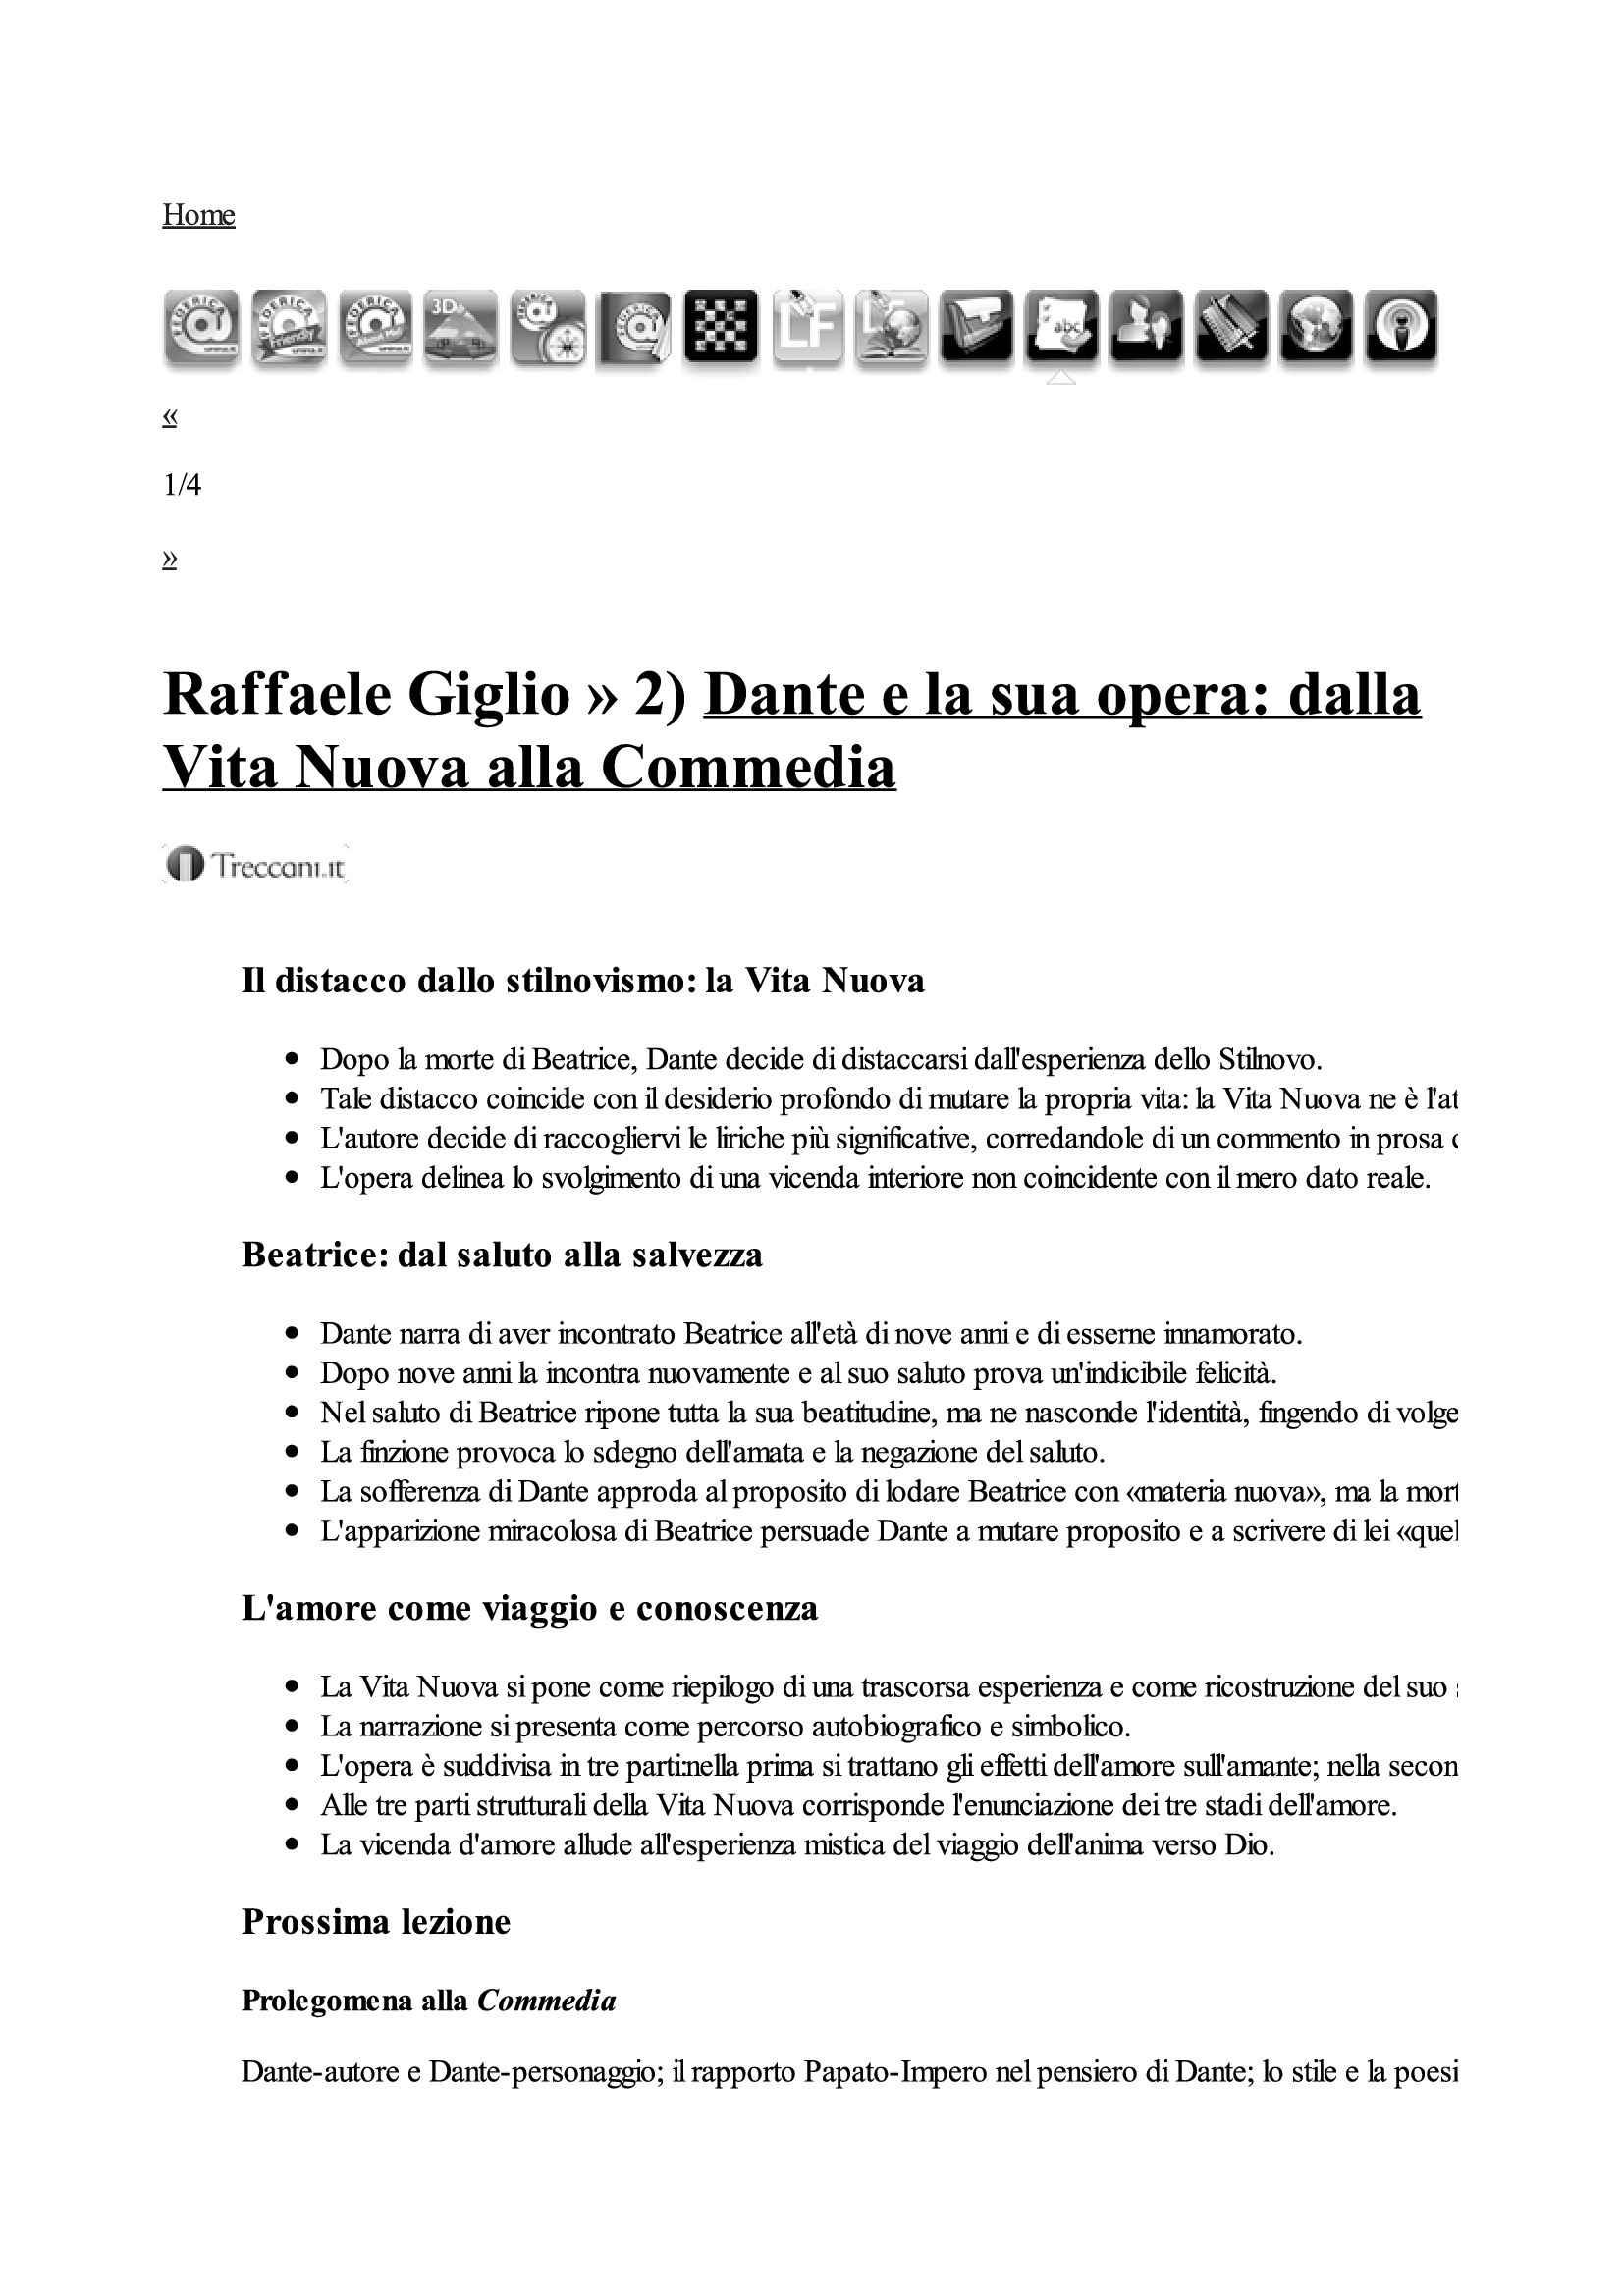 Dante e la sua opera: dalla Vita Nuova alla Commedia